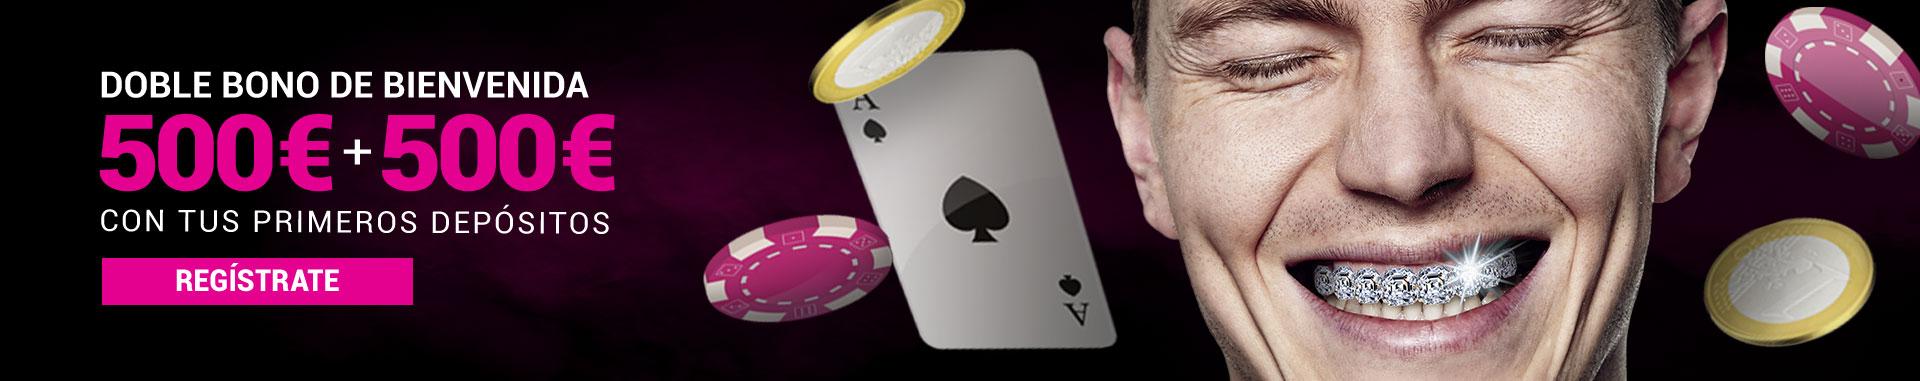 Como vencer una maquina de poker juegos de casino gratis Almada-855871